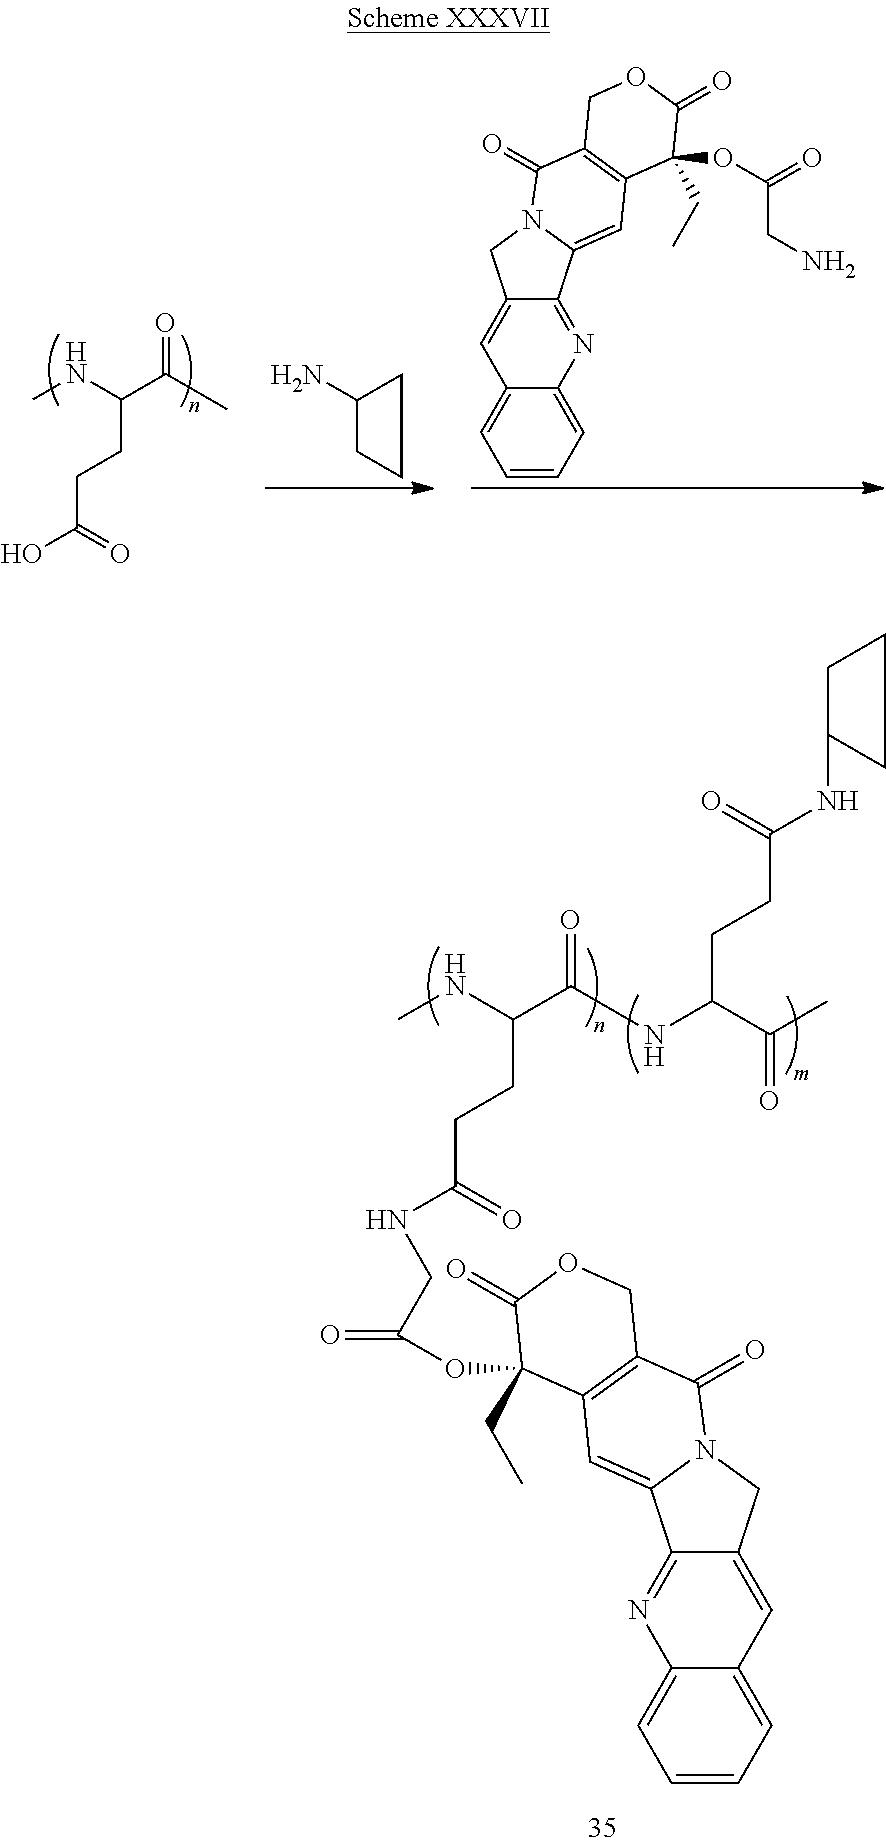 Figure US08110179-20120207-C00058